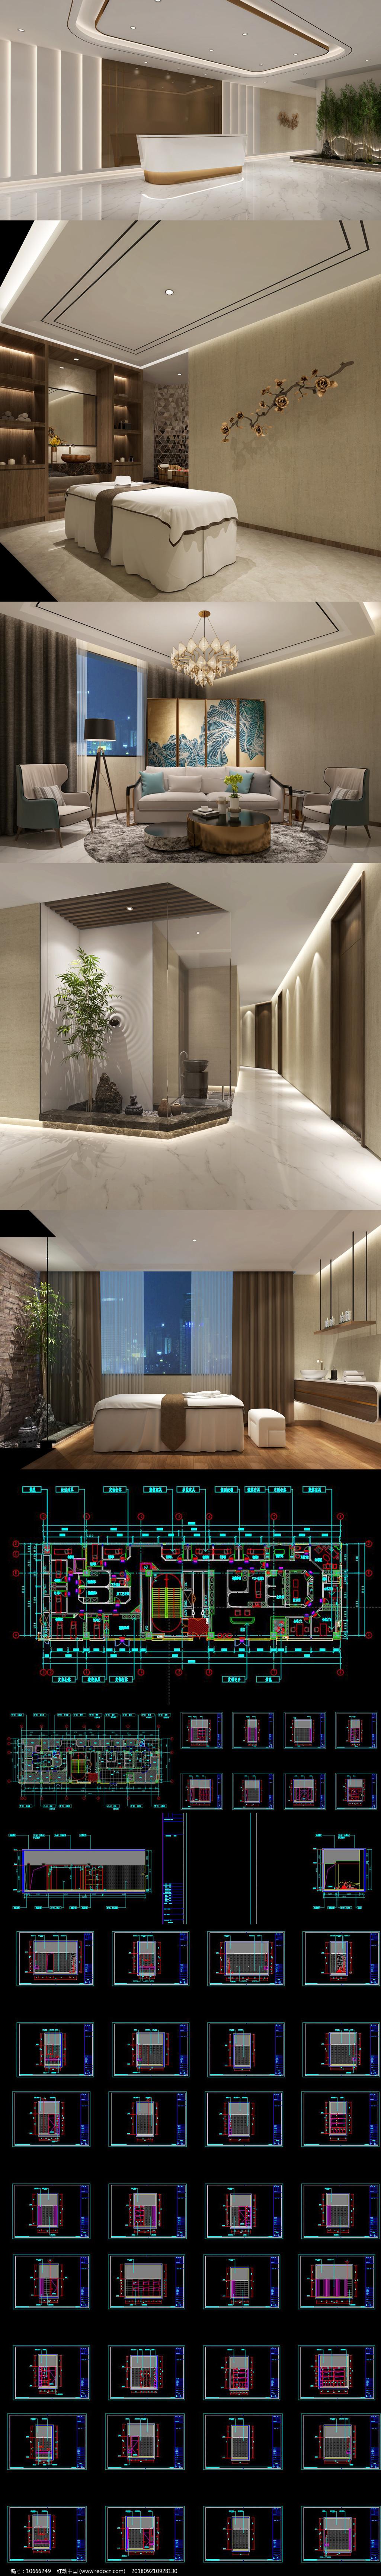 全套新中式美容院CAD施工图 效果图图片